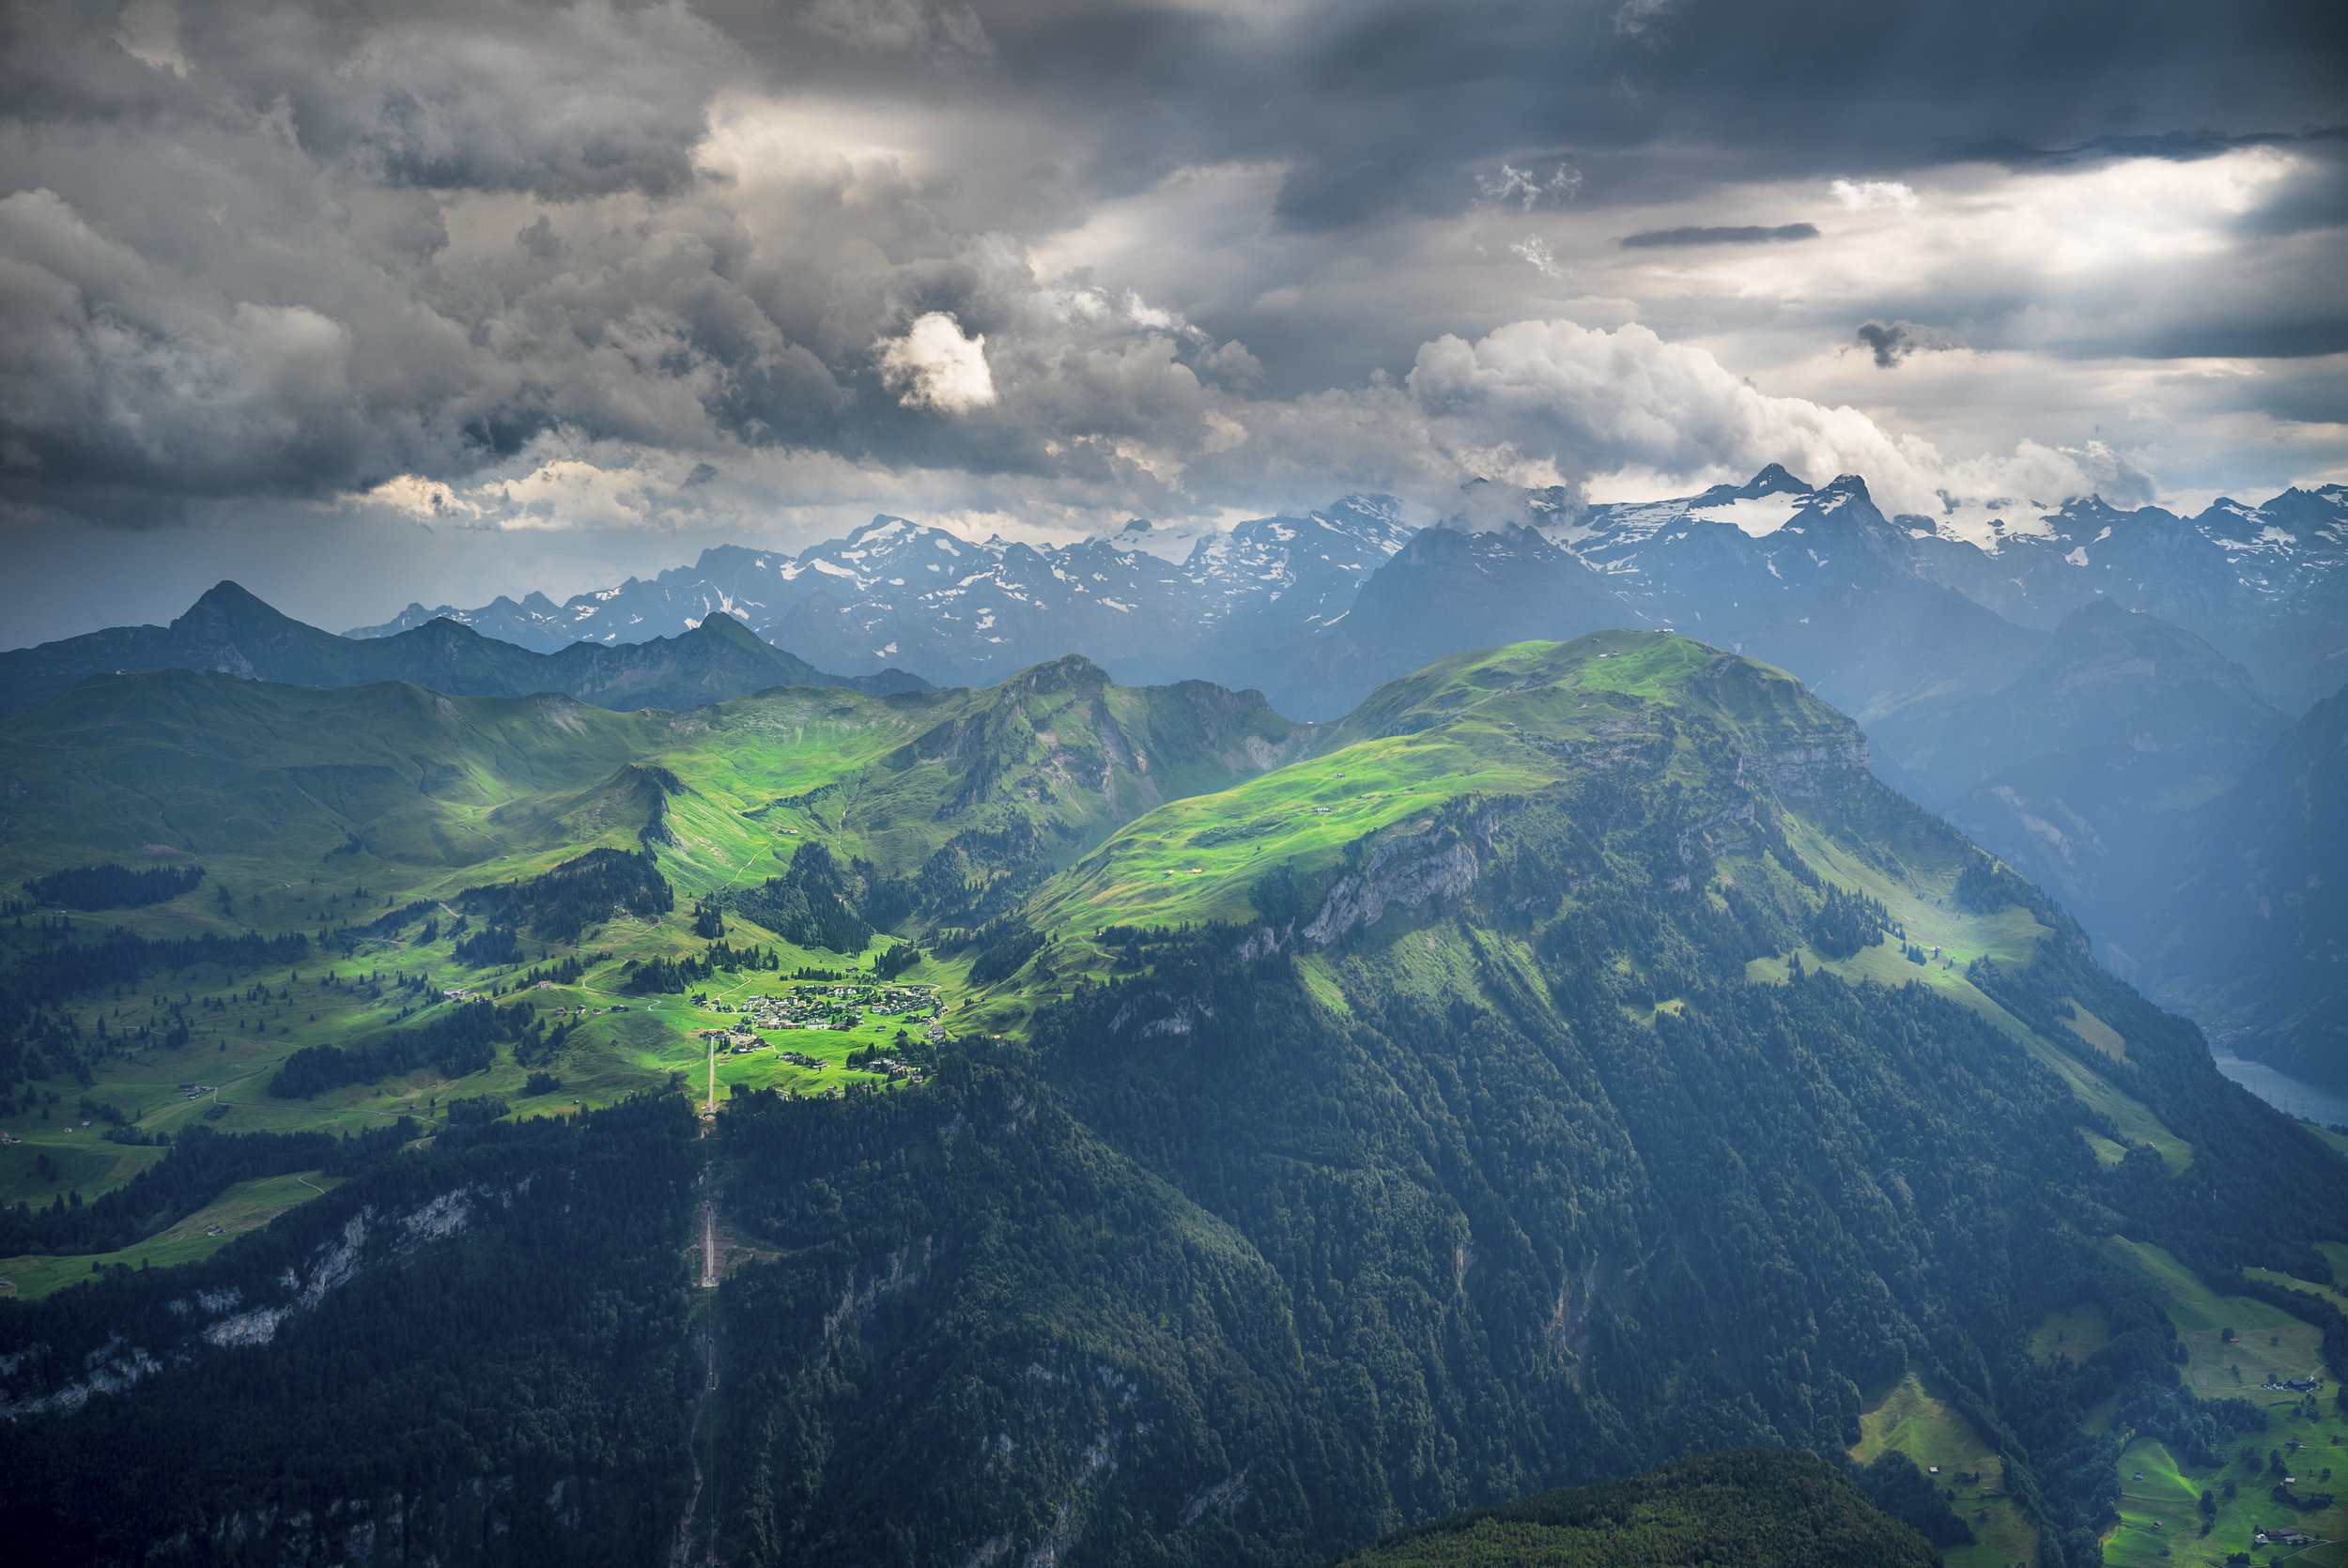 Stoos in Morschach - Switzerland